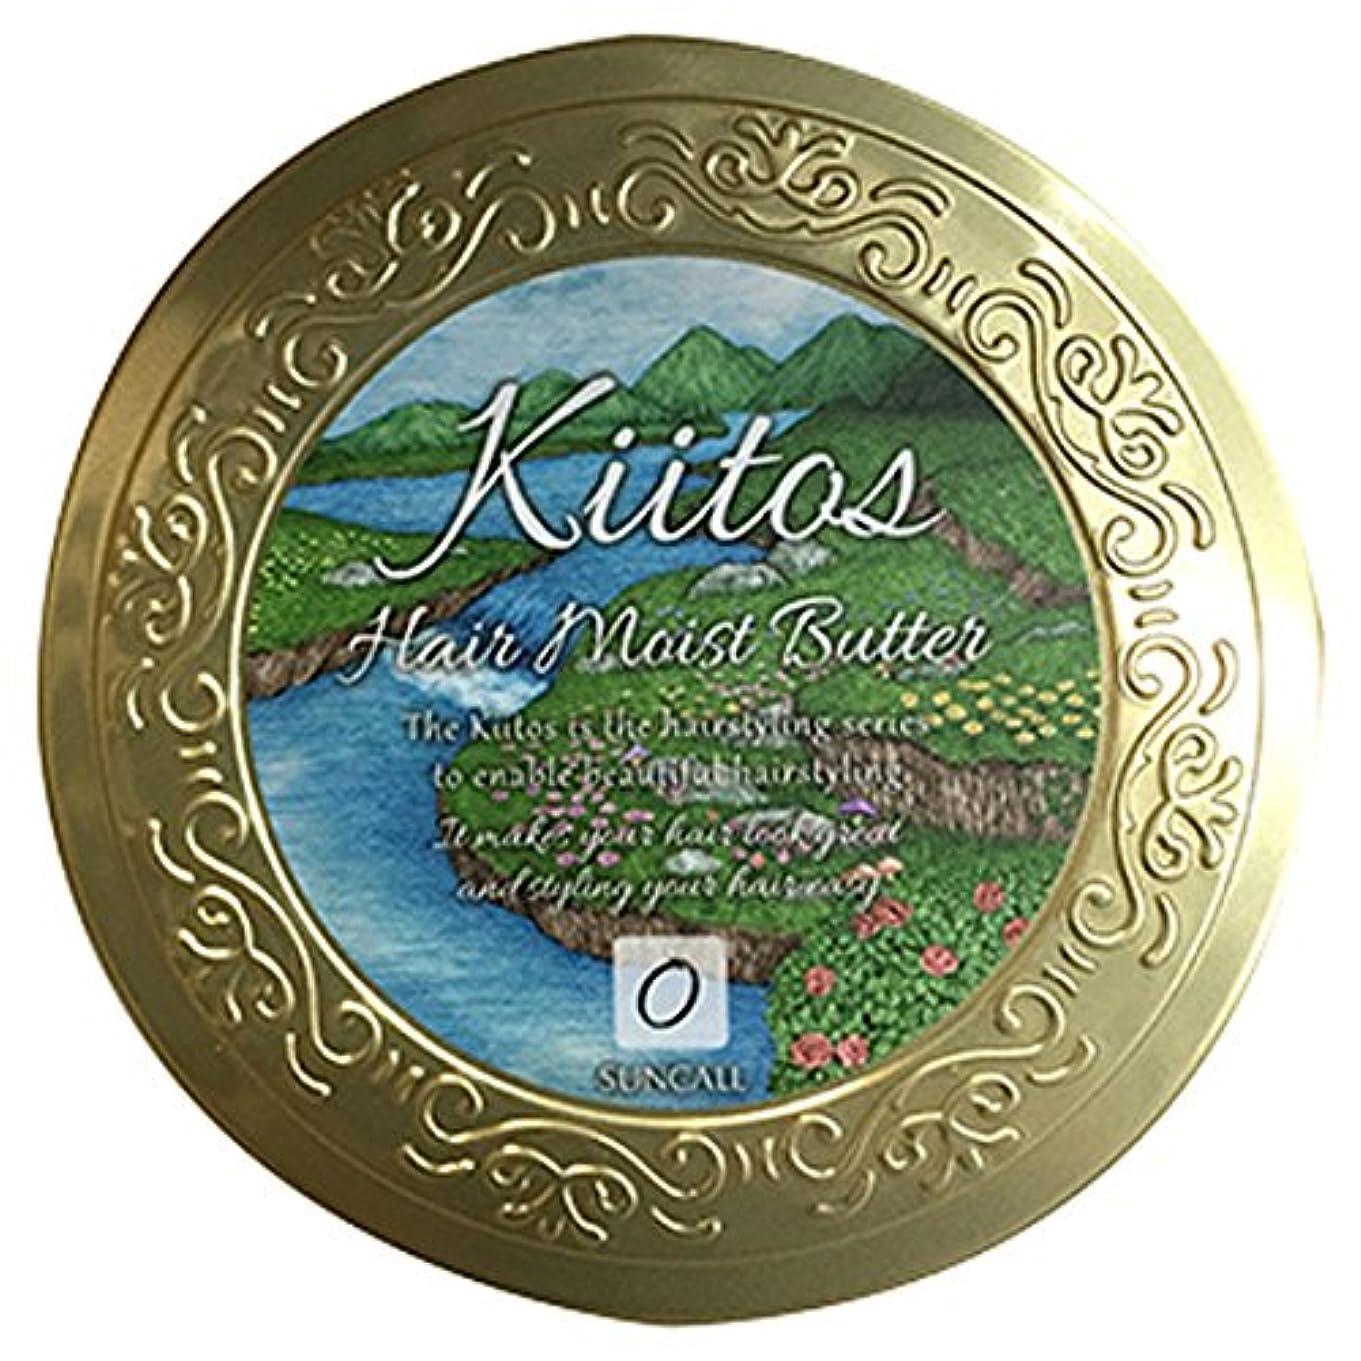 ロデオイソギンチャクわずらわしいSUNCALL (サンコール) キートス ヘアモイストバター 85g